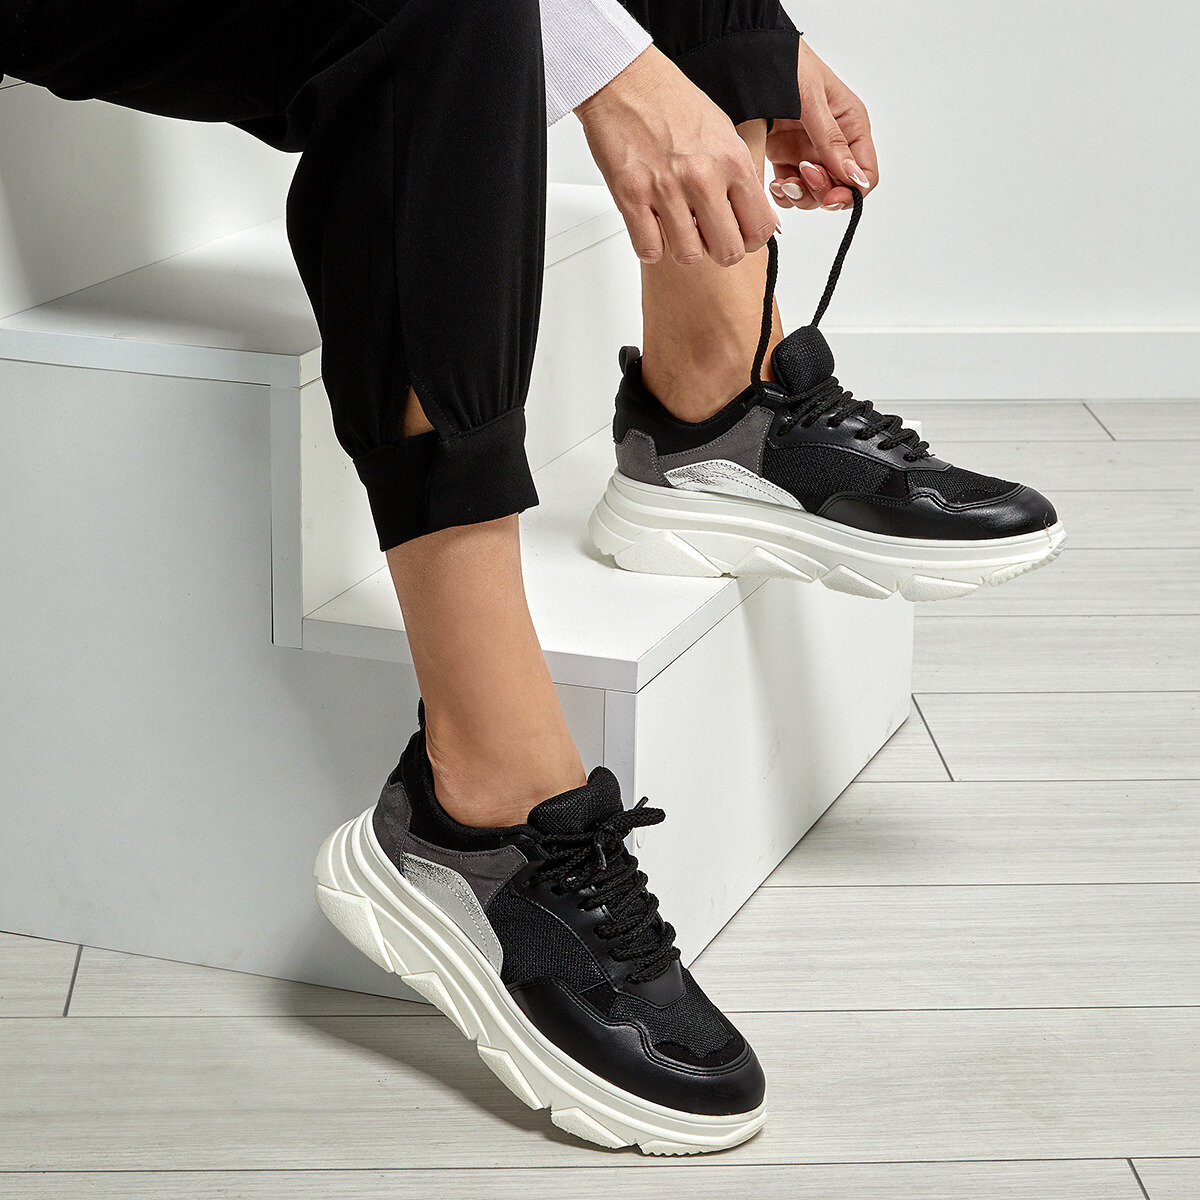 FLO 19SF-2055 Black Women 'S Sneaker Shoes BUTIGO